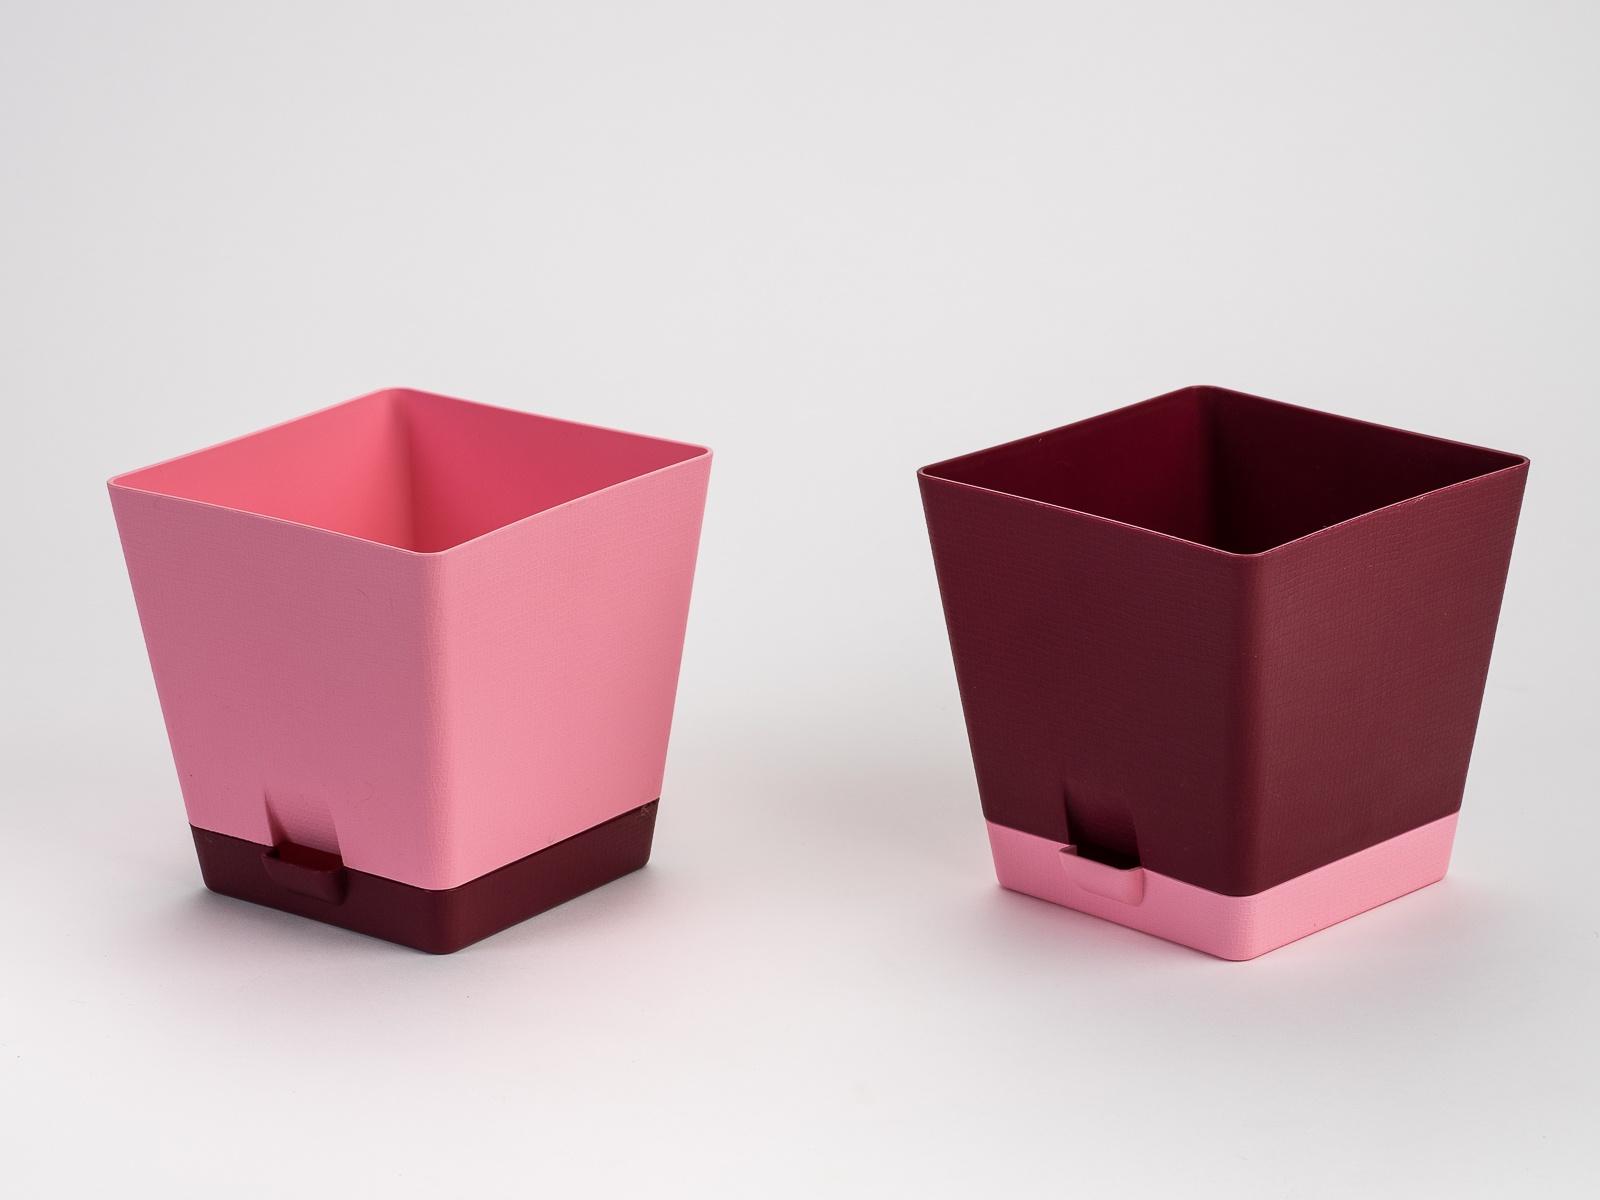 Комплект горшков для цветов с поддоном ТЕК.А.ТЕК DUET 3л розовый с бордовым 2шт горшков в валерий горшков комплект из 9 книг